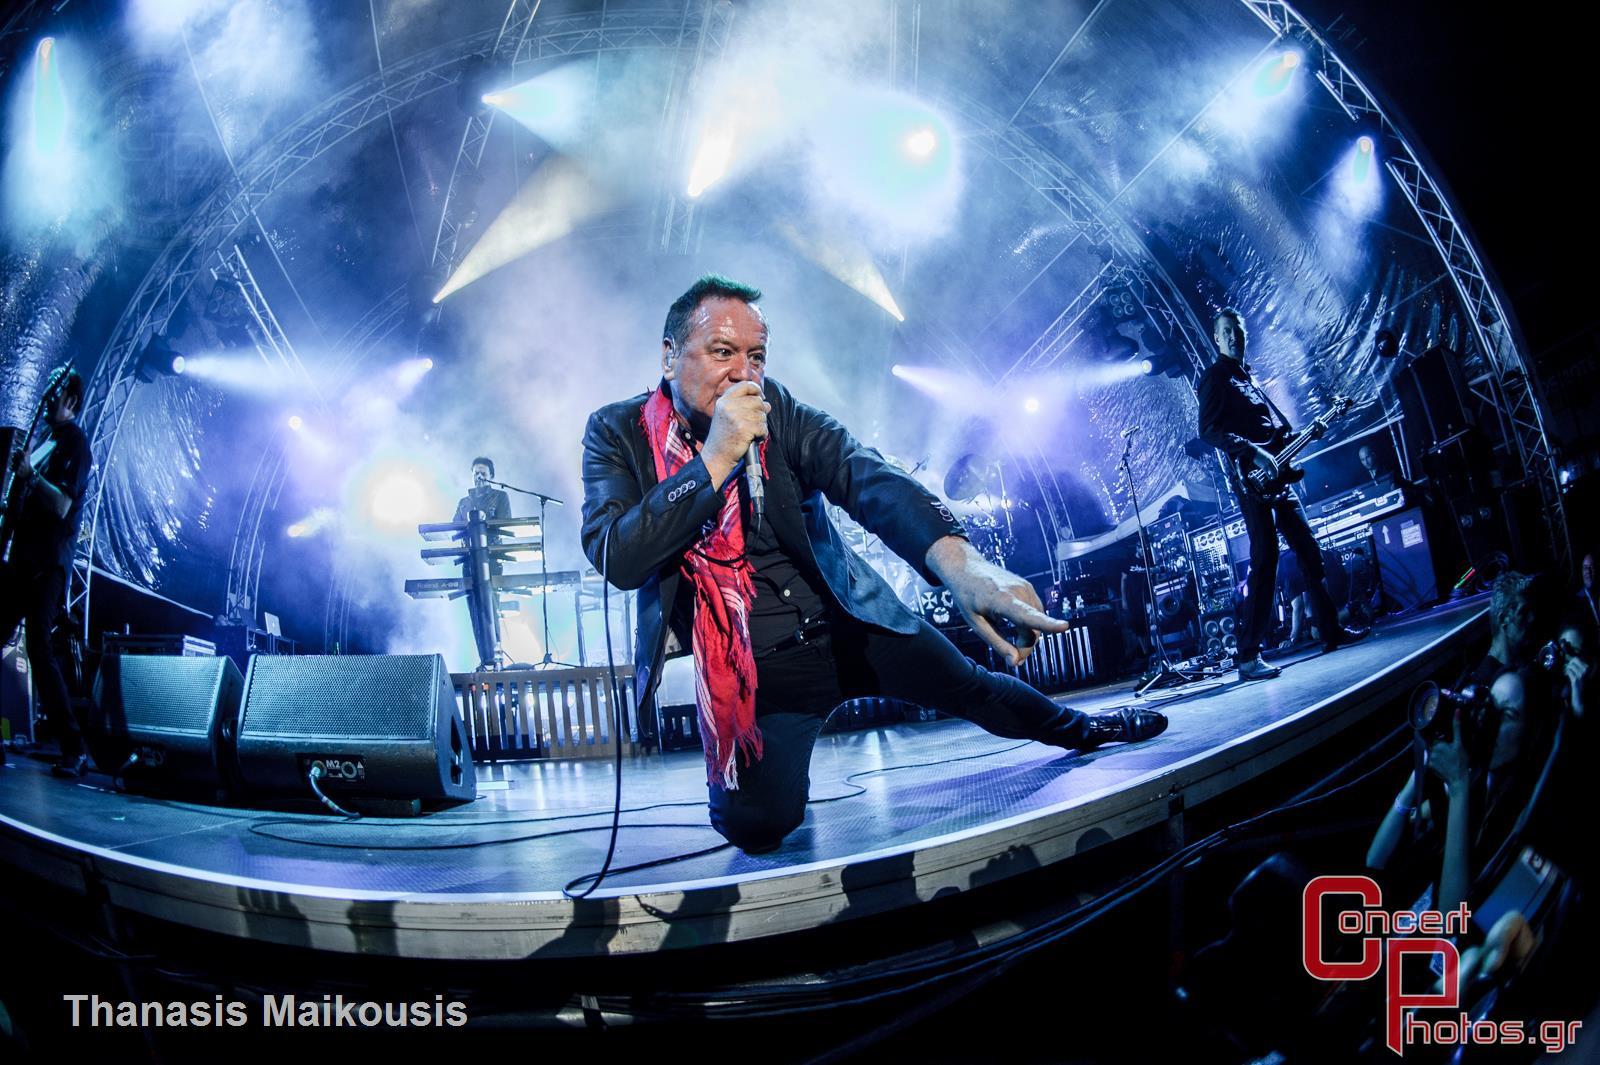 En Lefko 2014-En Lefko 2014 photographer: Thanasis Maikousis - concertphotos_20140620_22_39_53